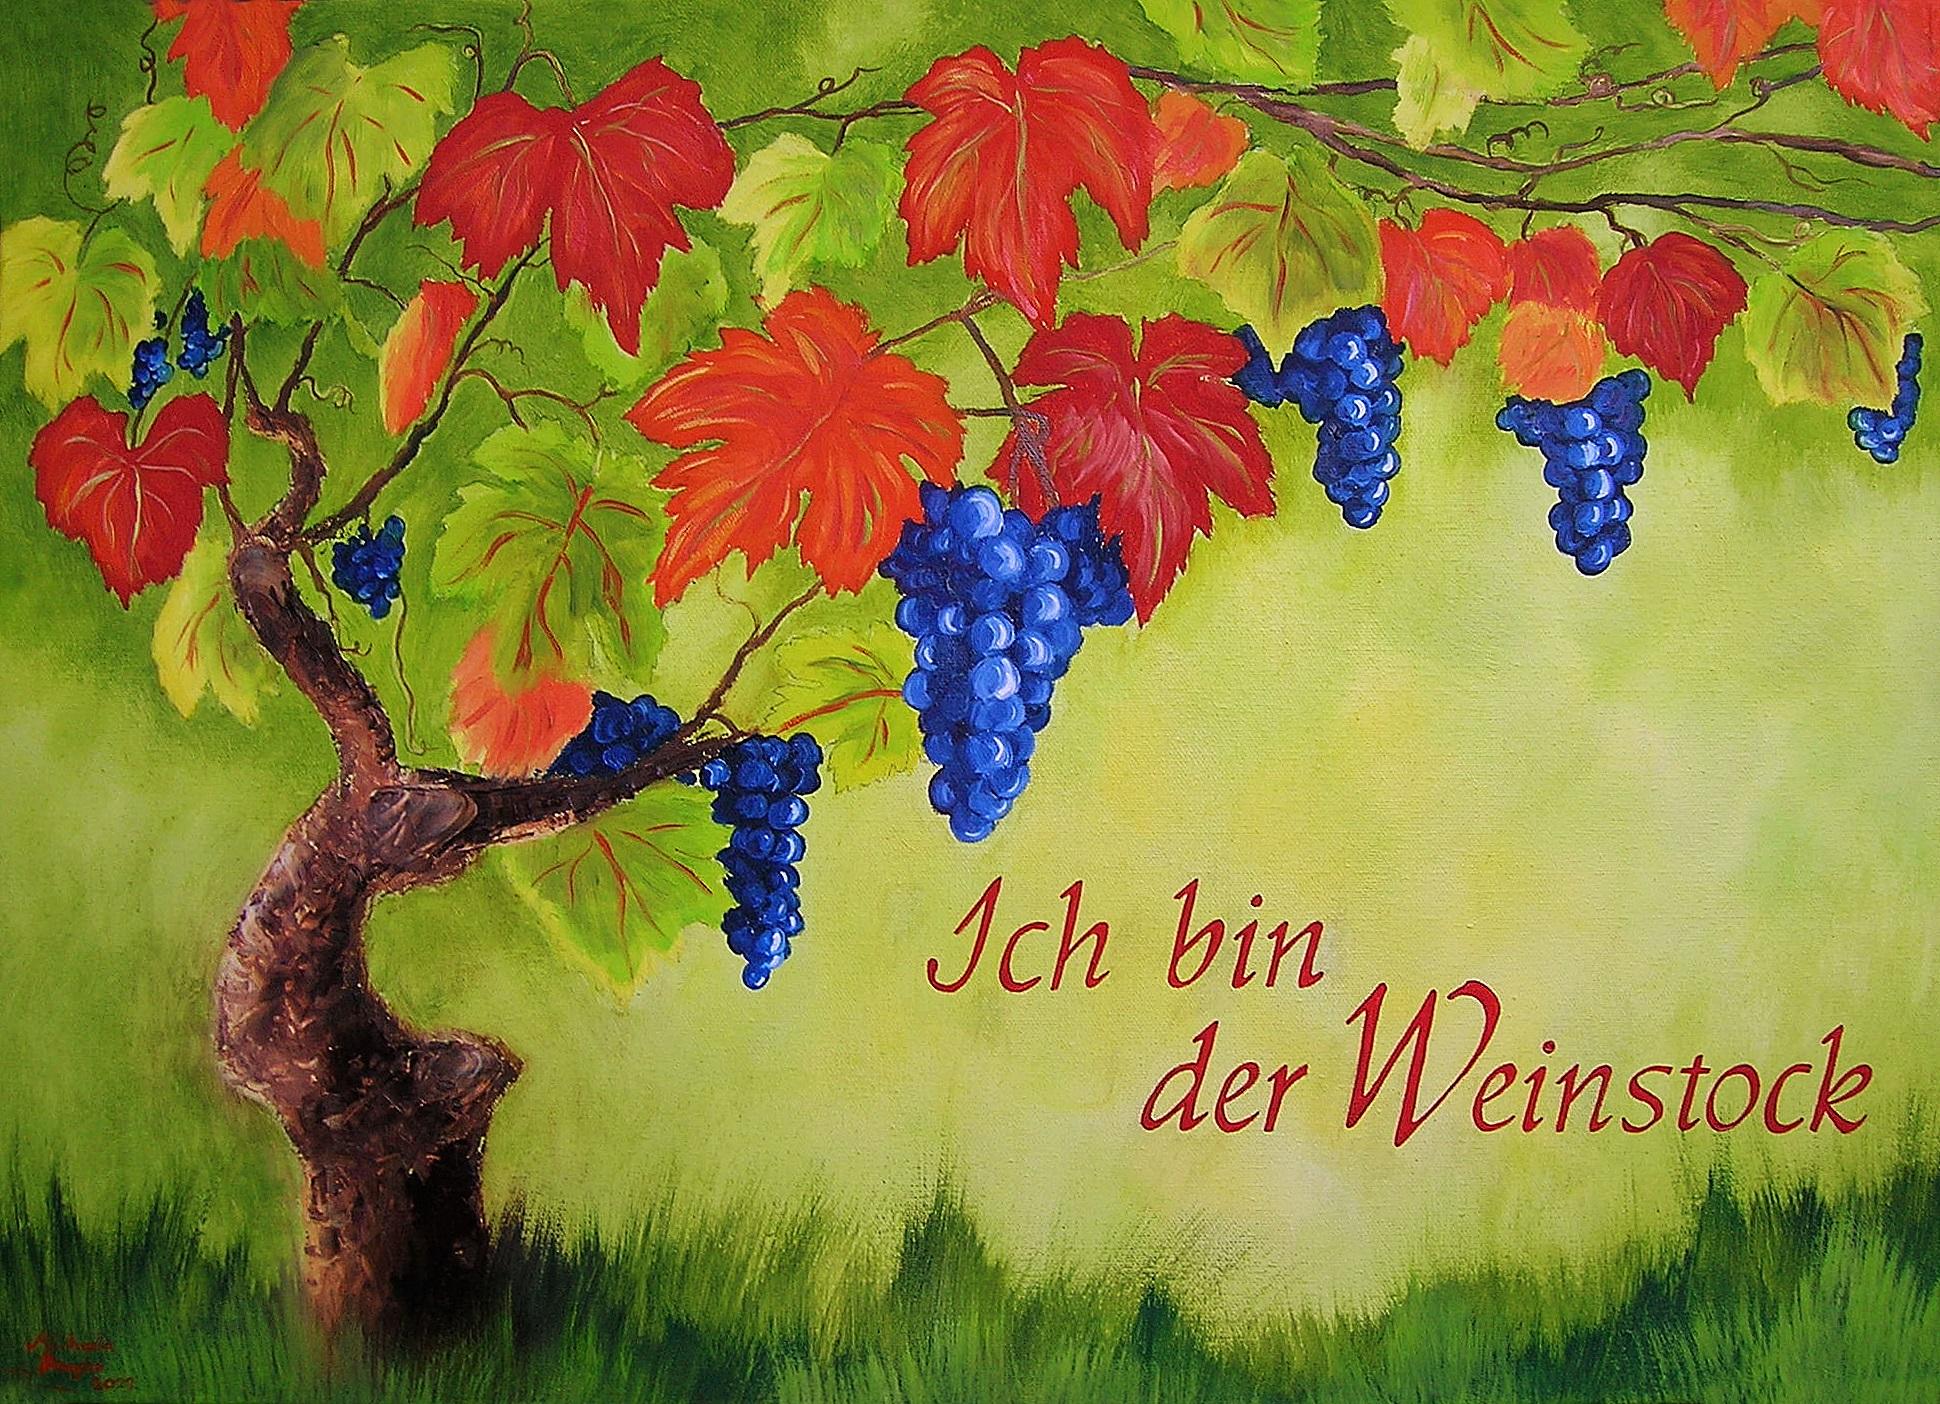 Ich bin der Weinstock